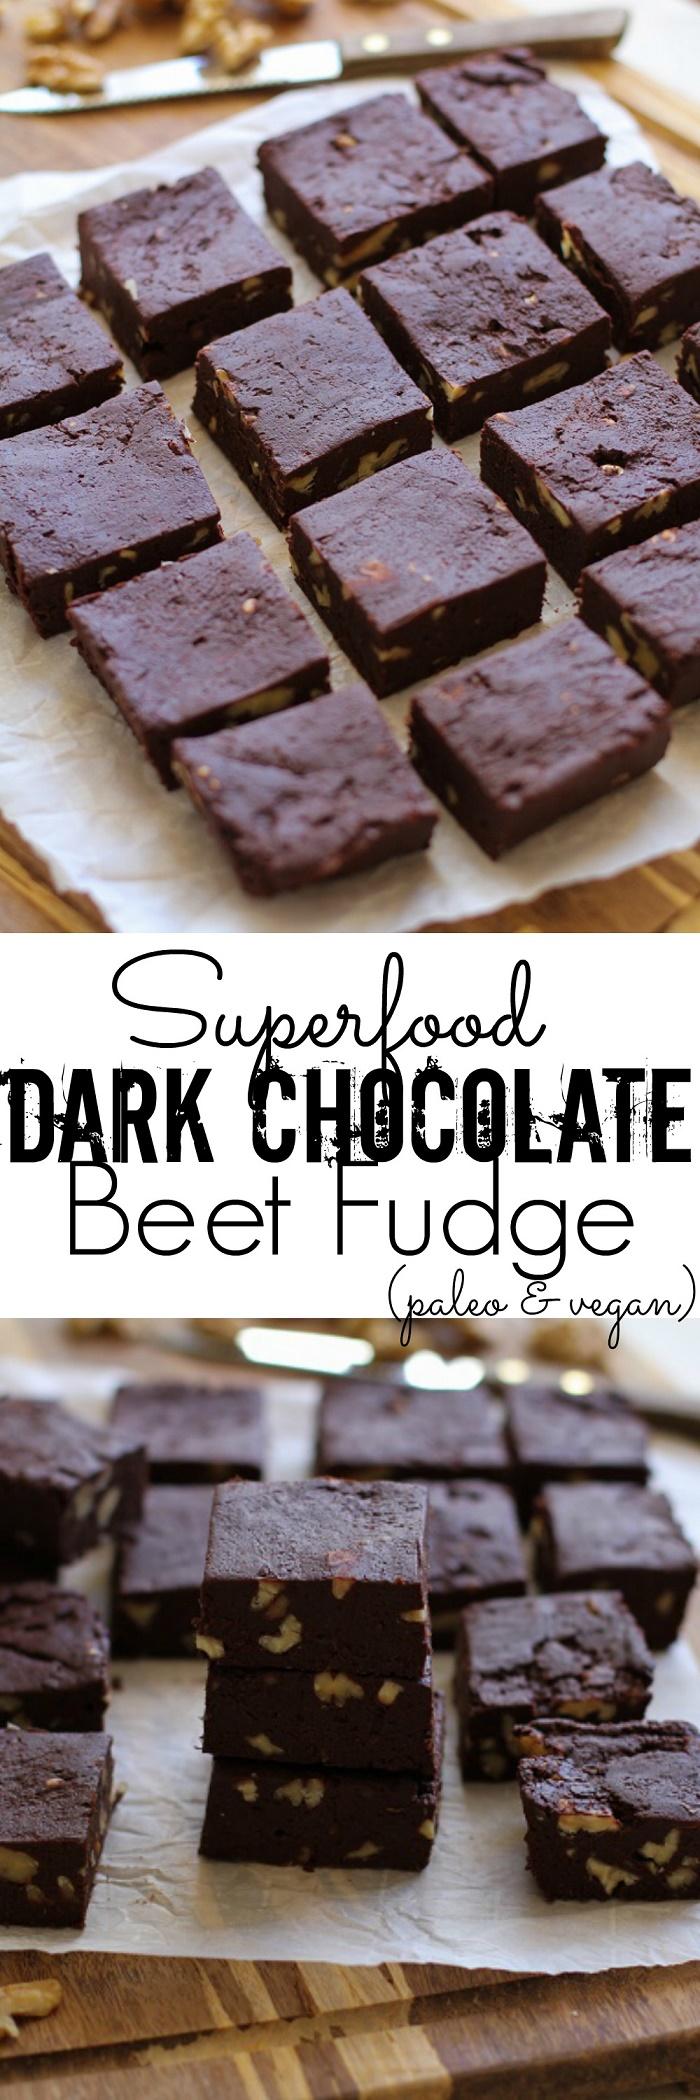 Superfood Dark Chocolate Beet Fudge - The Roasted Root